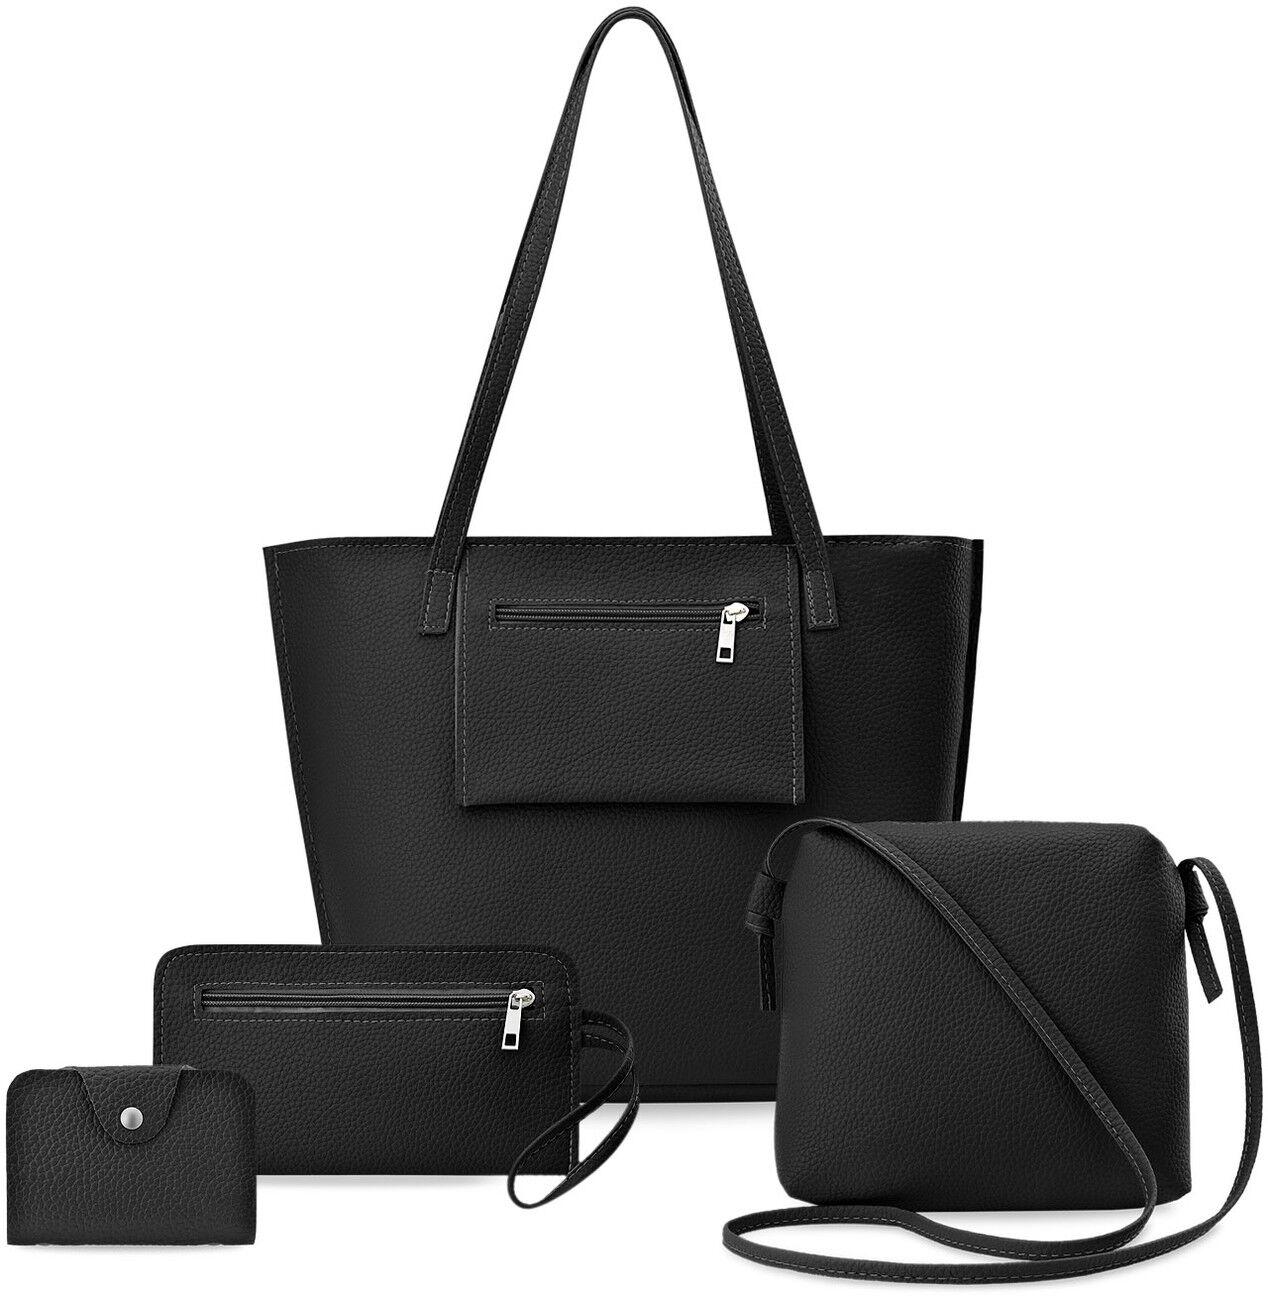 b66518185097d2 ... Damen Handtaschen Wochenendtaschen Shopper viele Taschen Umhängetaschen  XS163116